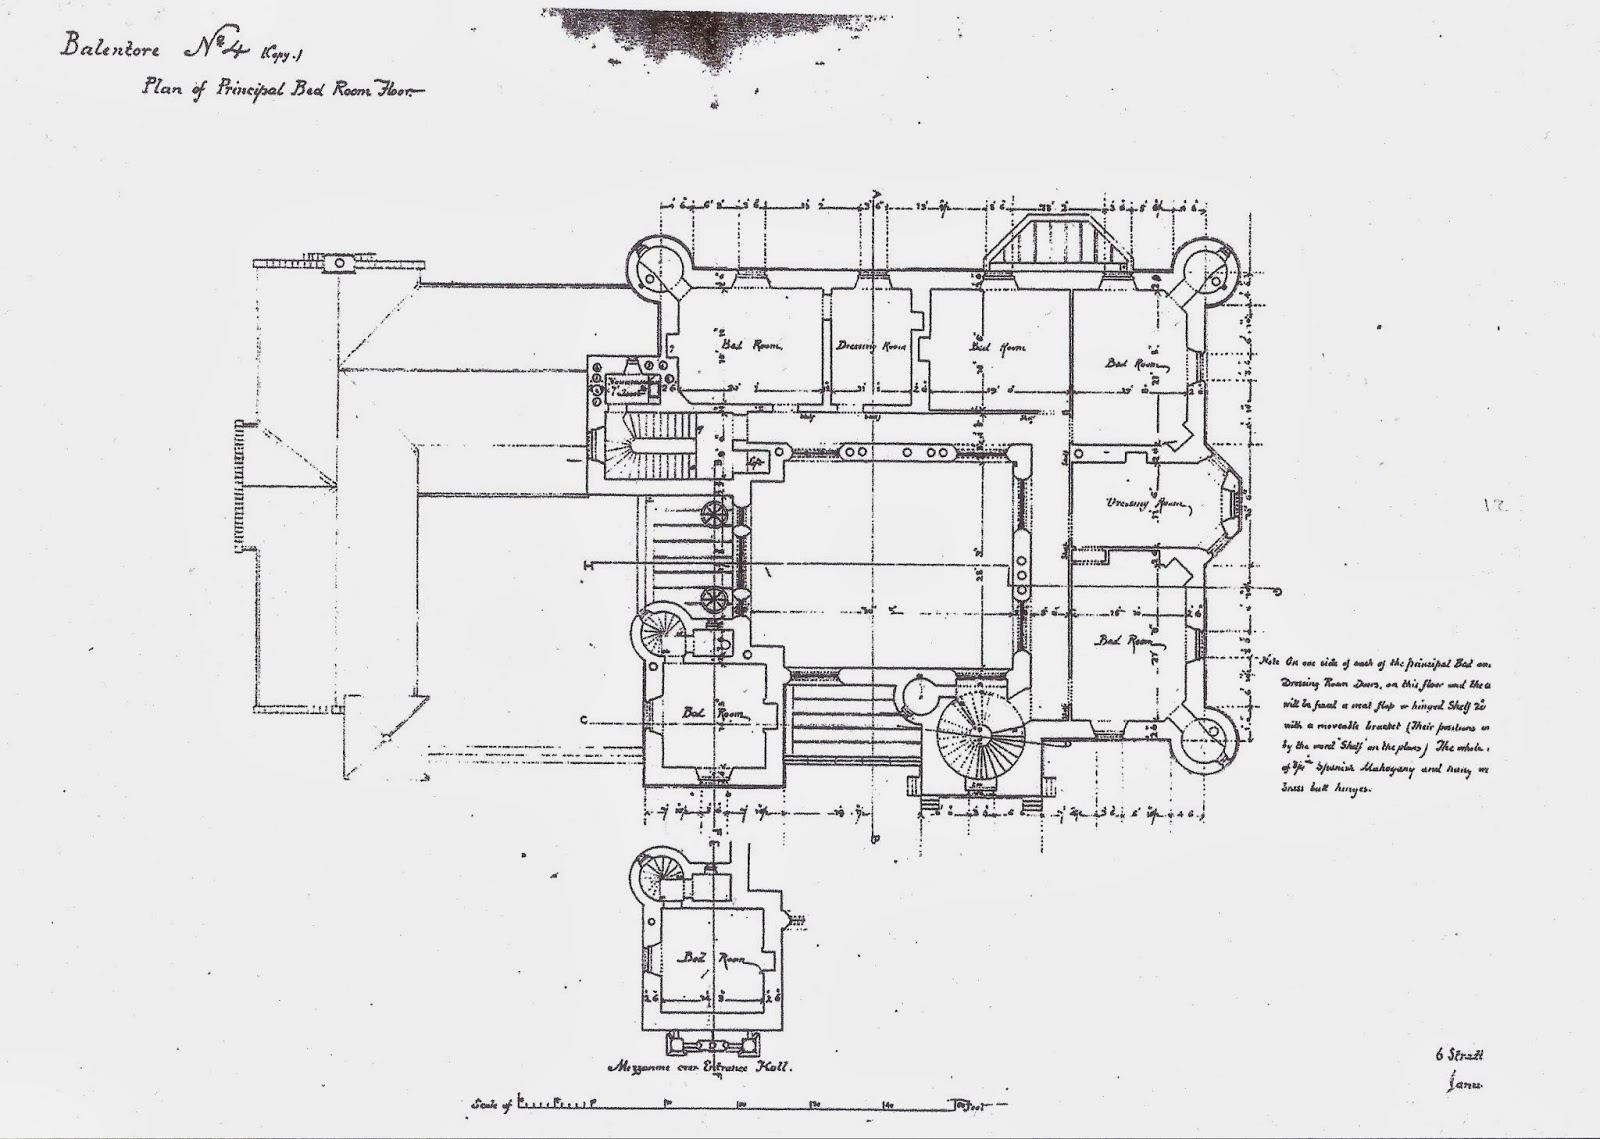 balintore castle restoration project november 2013 plan 4 principal bed room floor